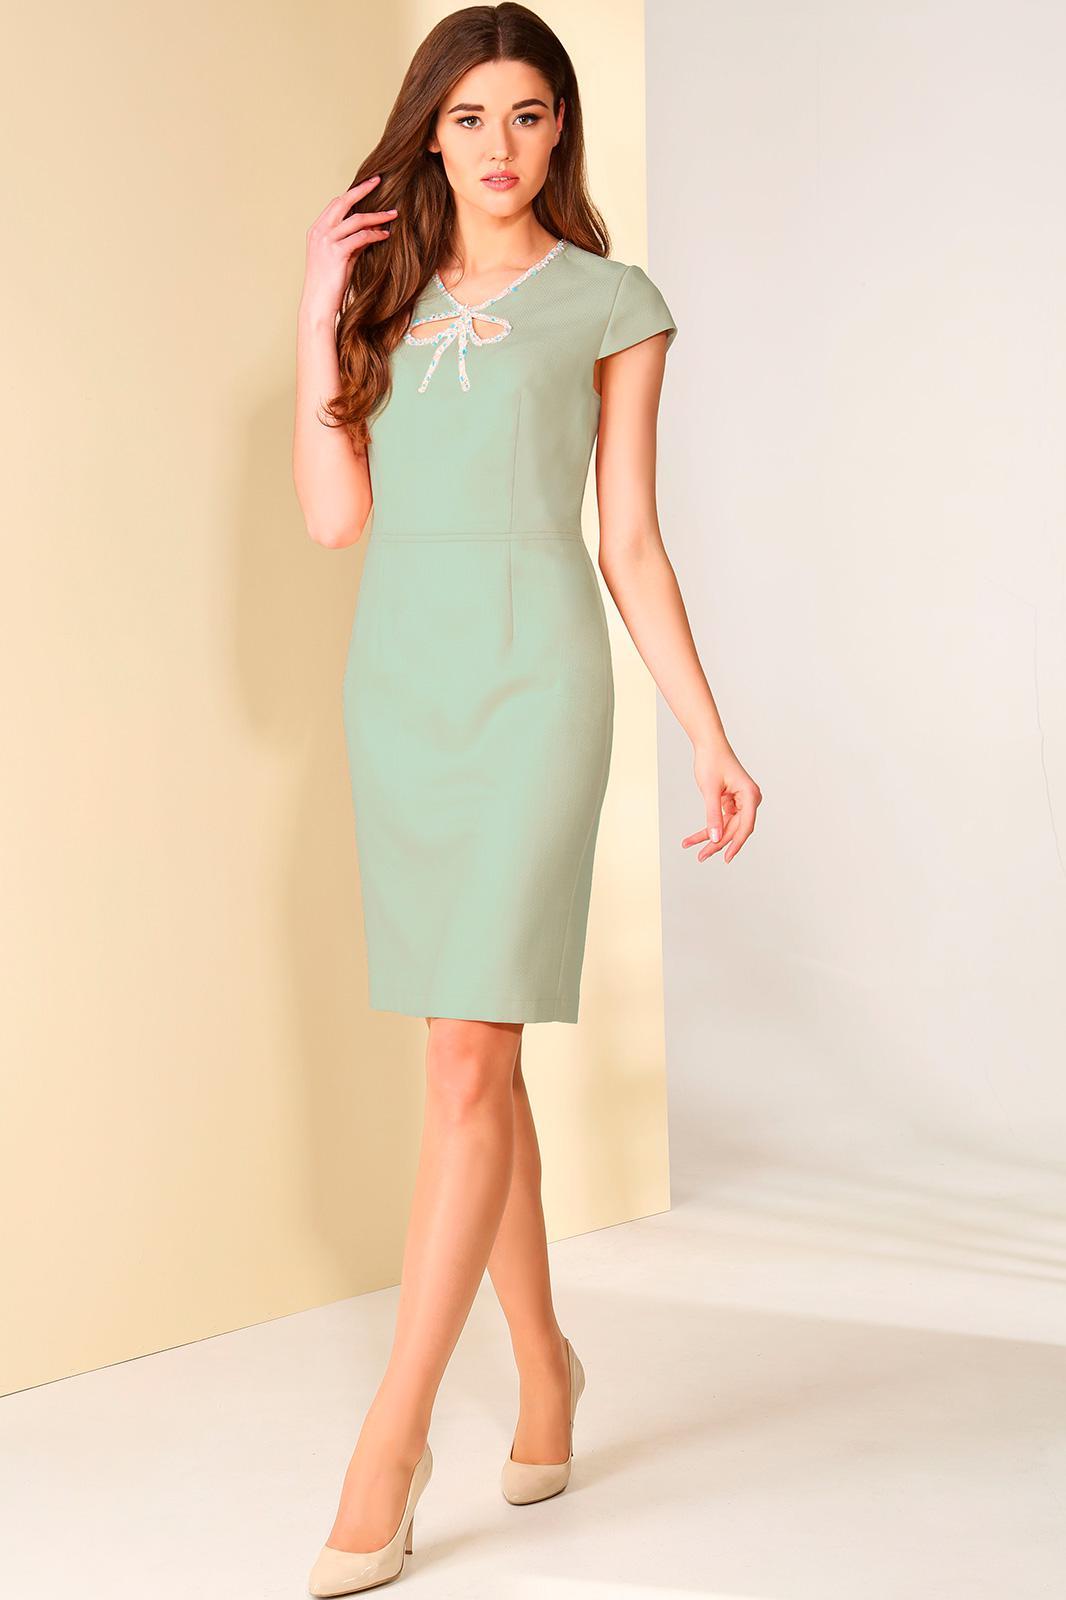 Купить Платье Golden Valley, 4374 мятный, Беларусь